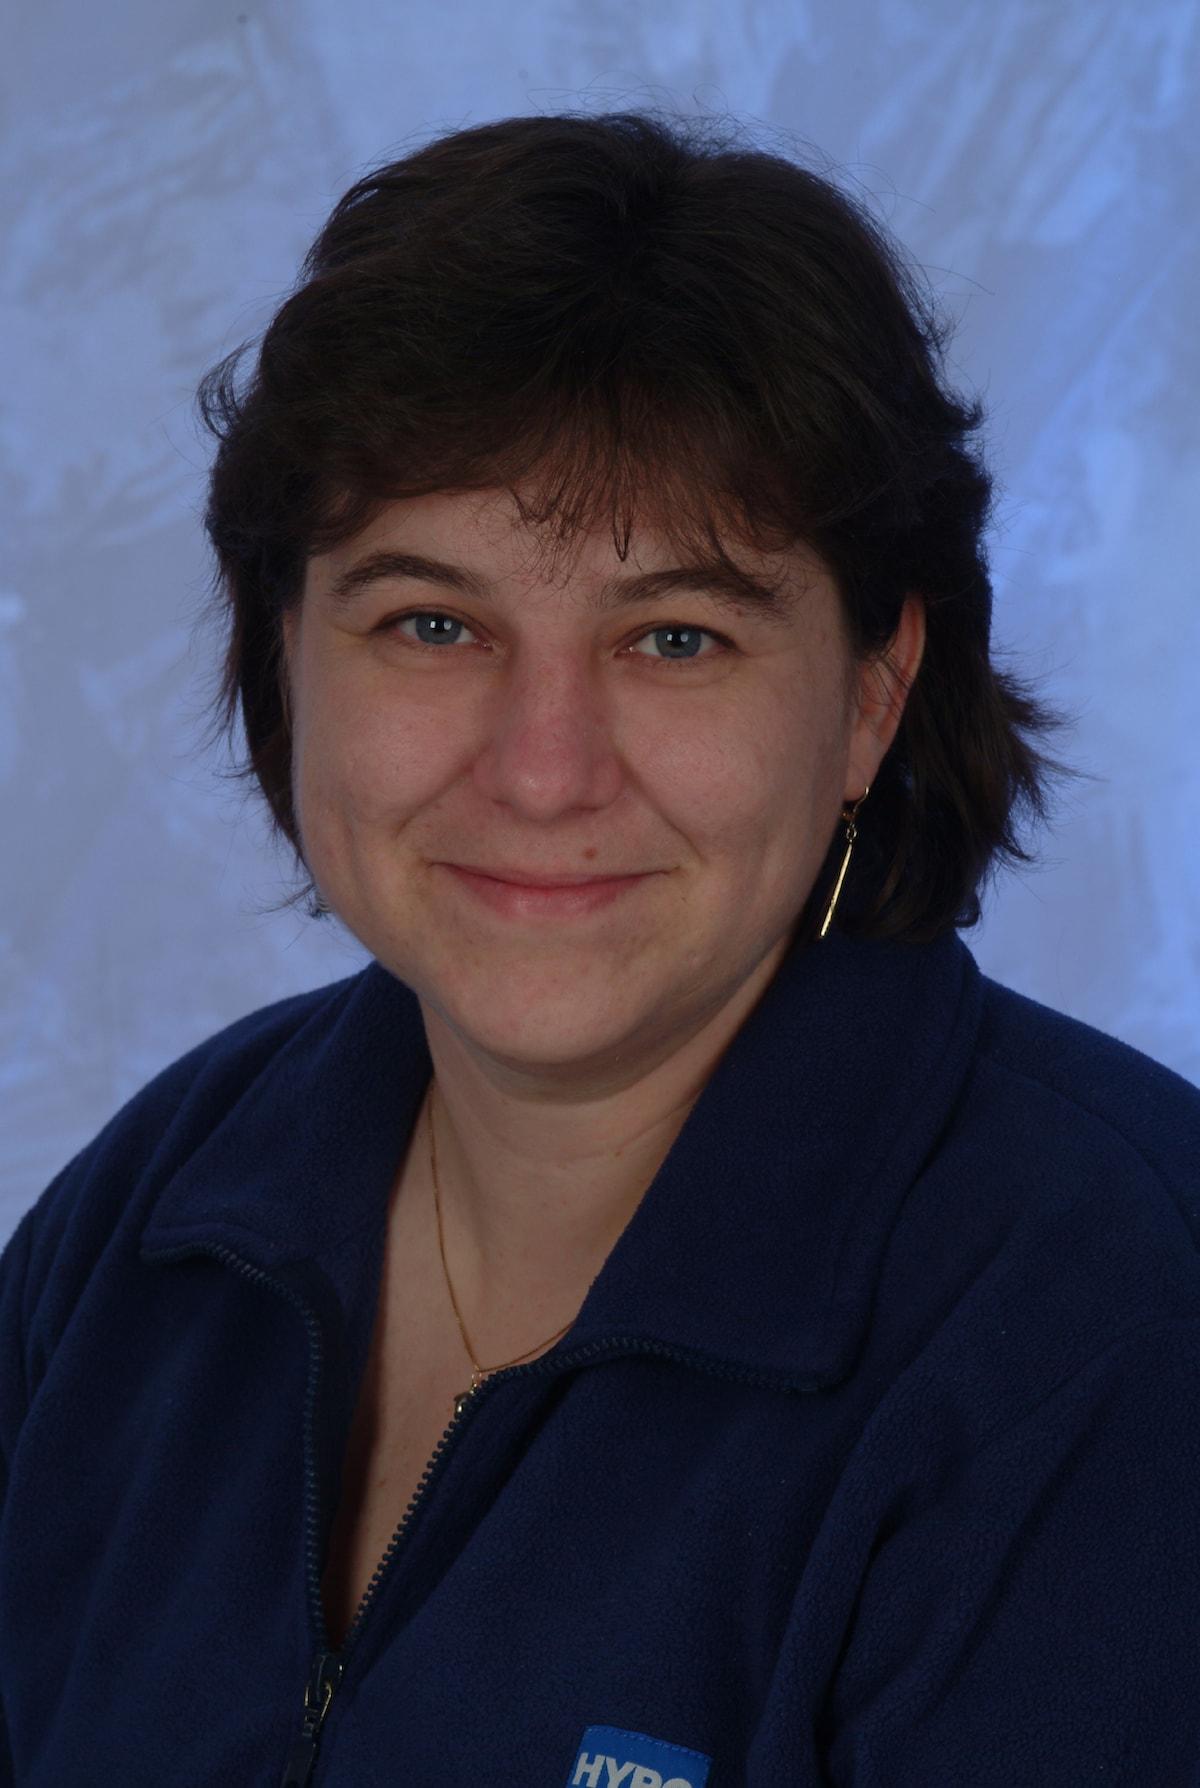 Birgit From Klagenfurt, Austria